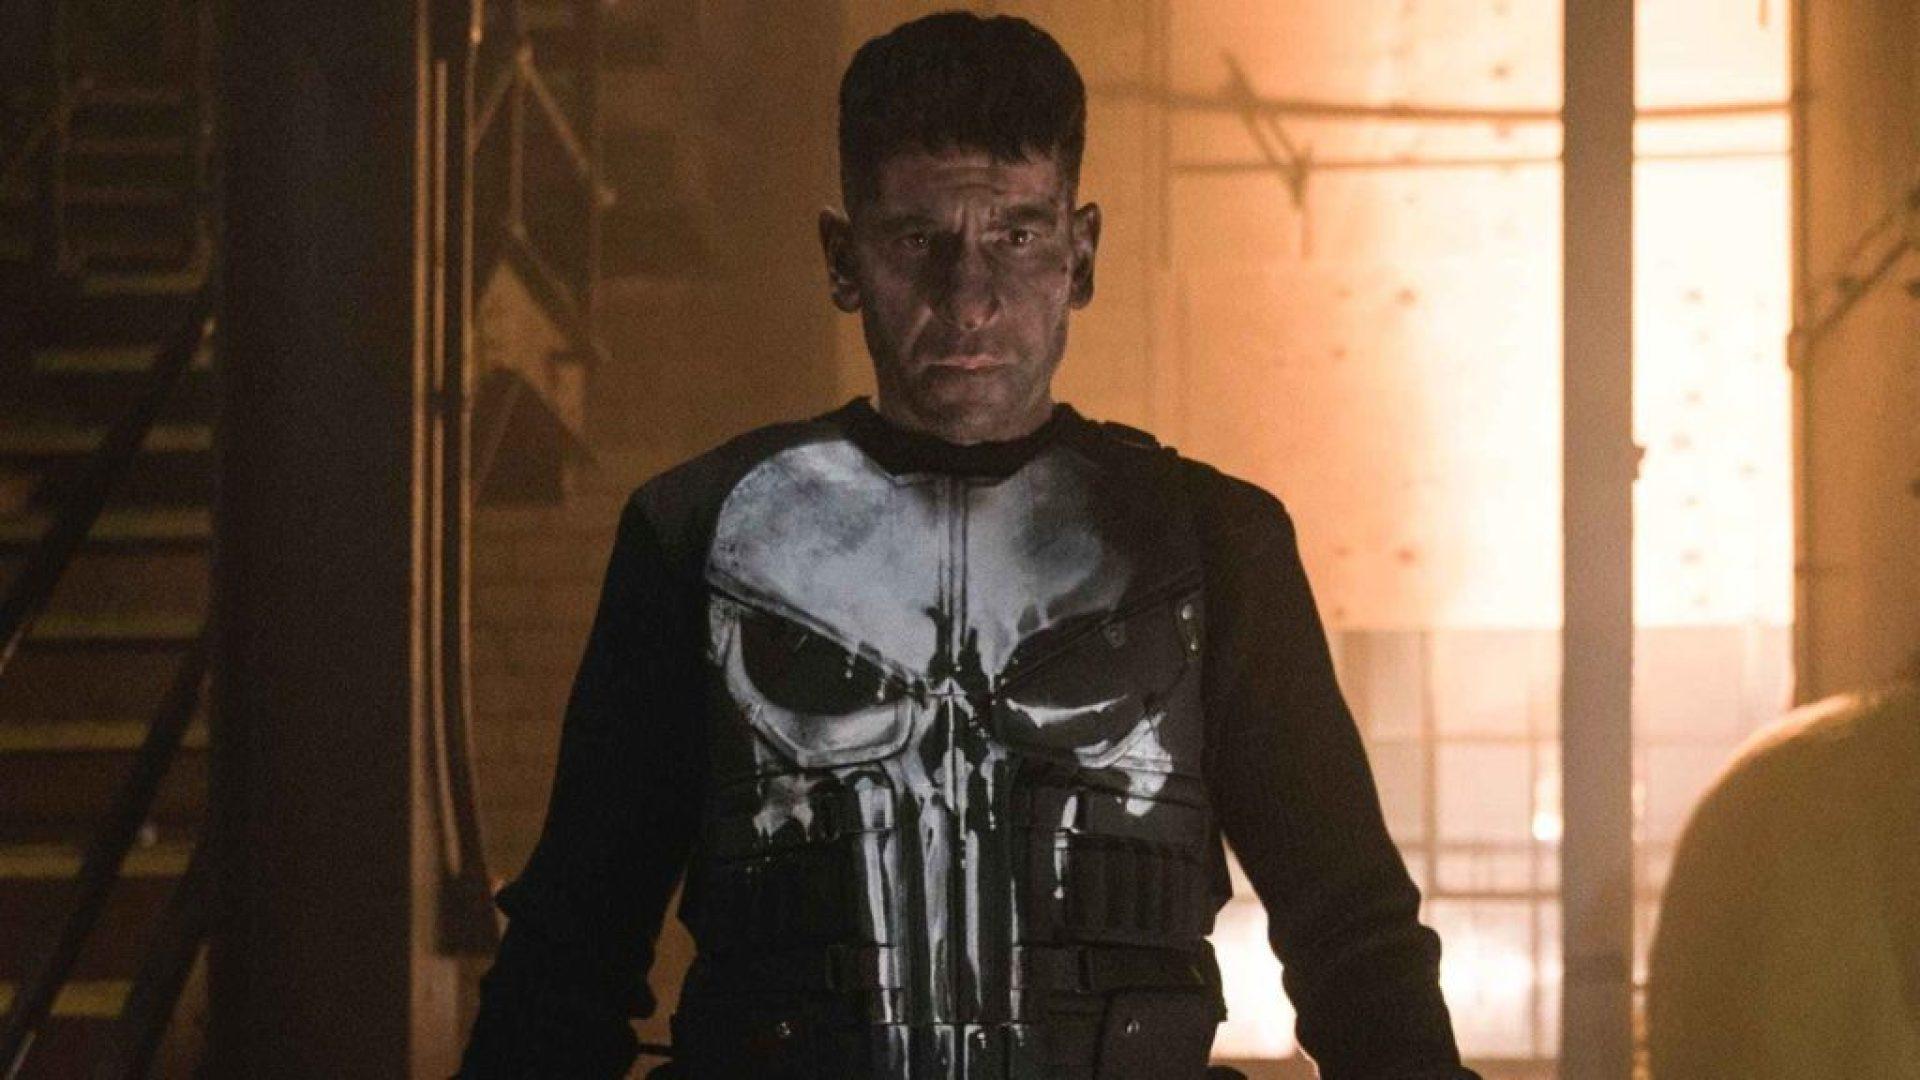 Marvel's Punisher season two on Netflix